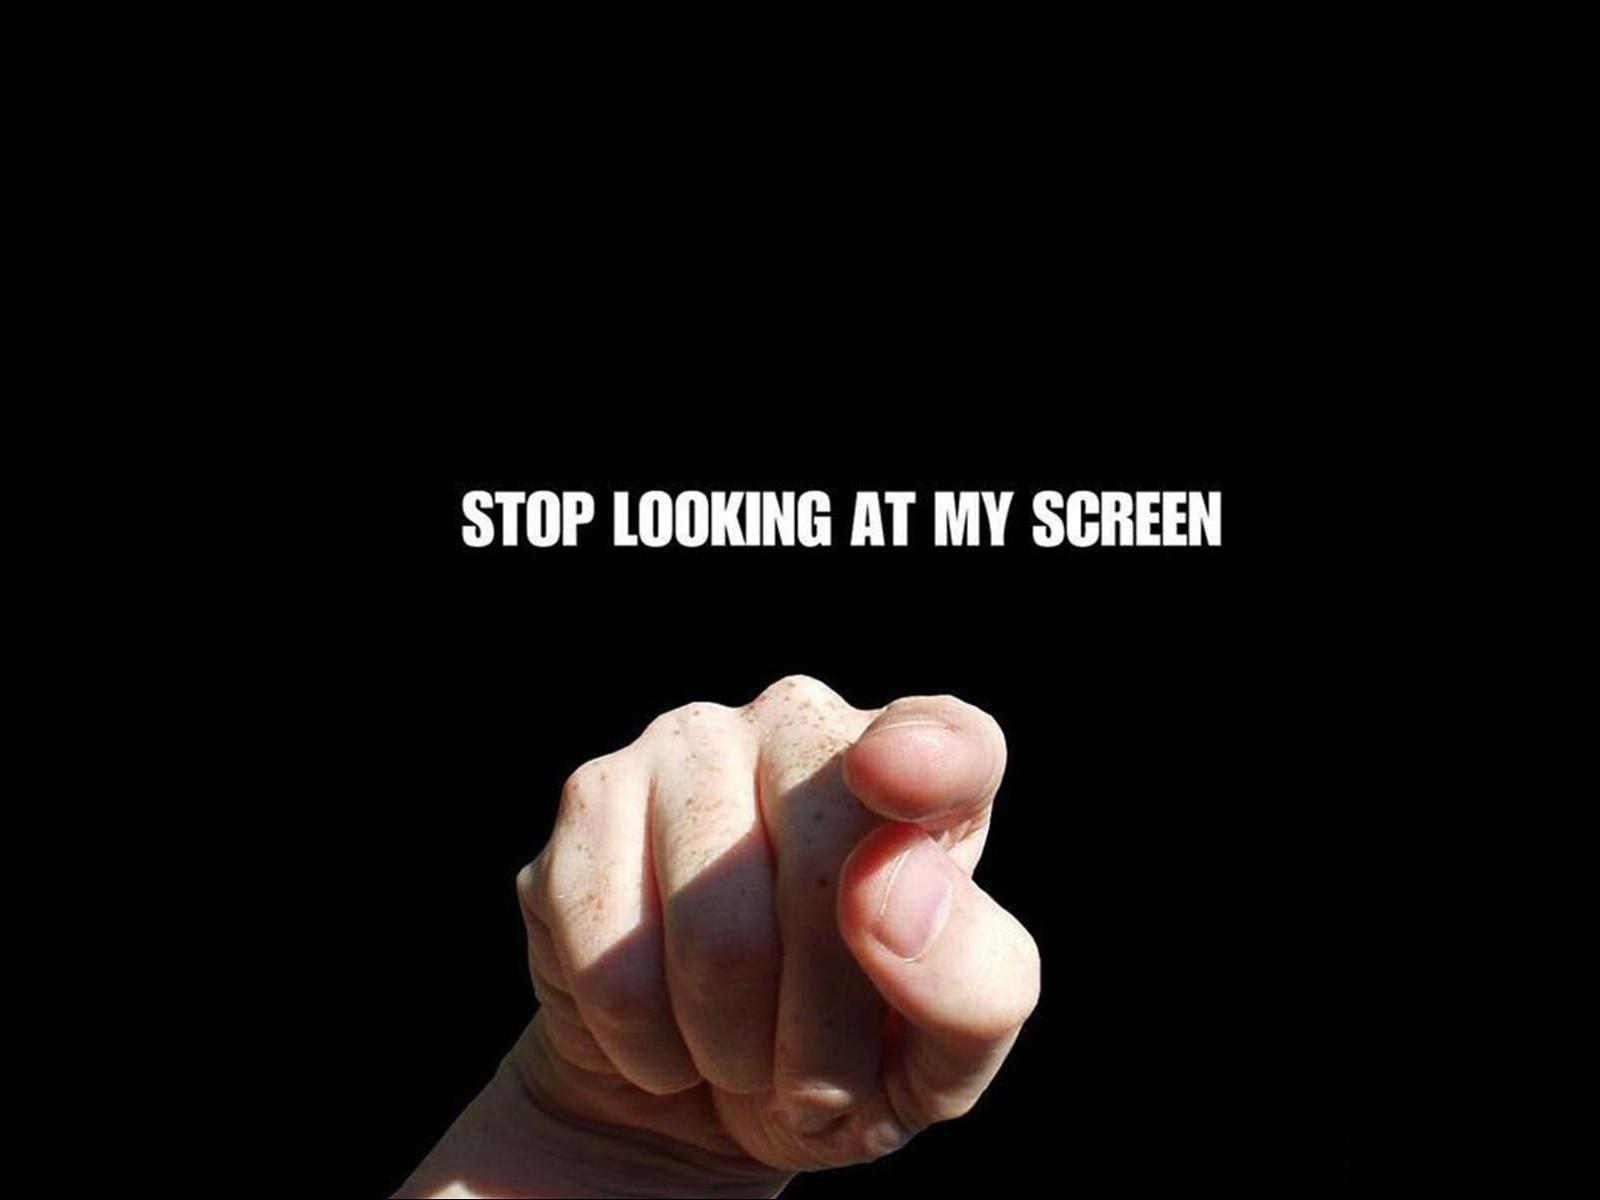 Stop looking at my screen Wallpaper at Wallpaperist